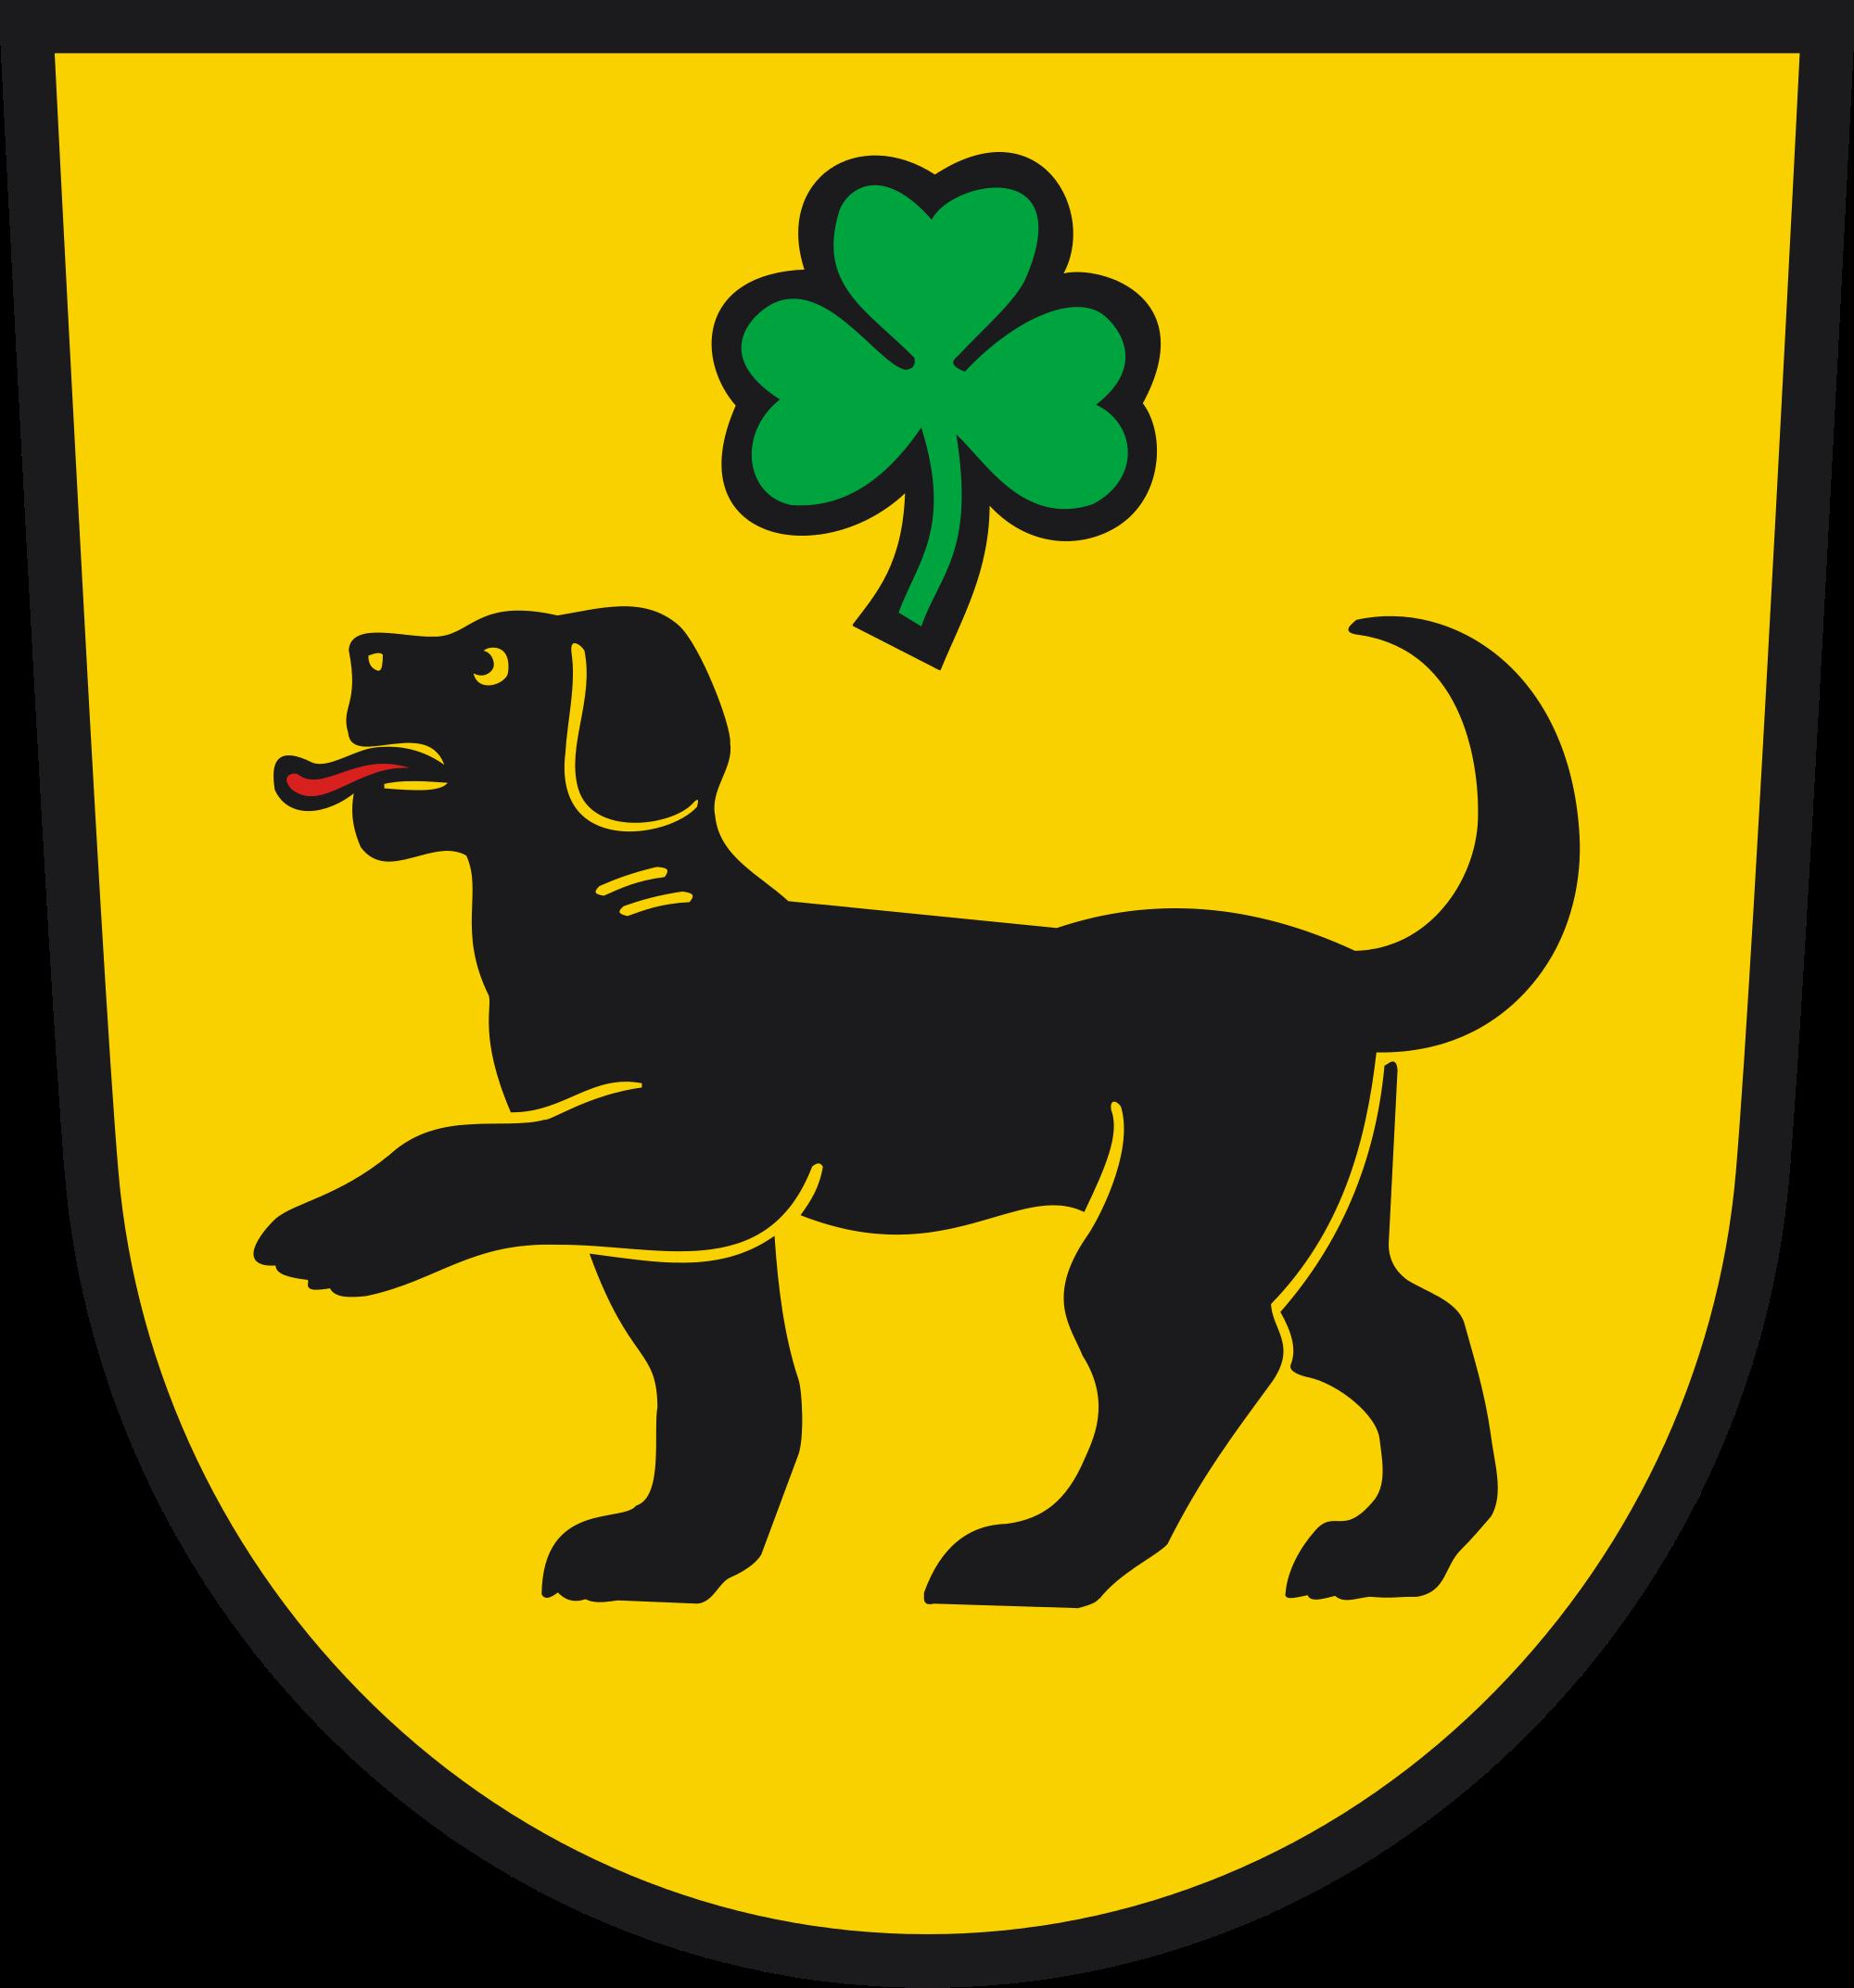 File:Wappen Hohnstein.svg.